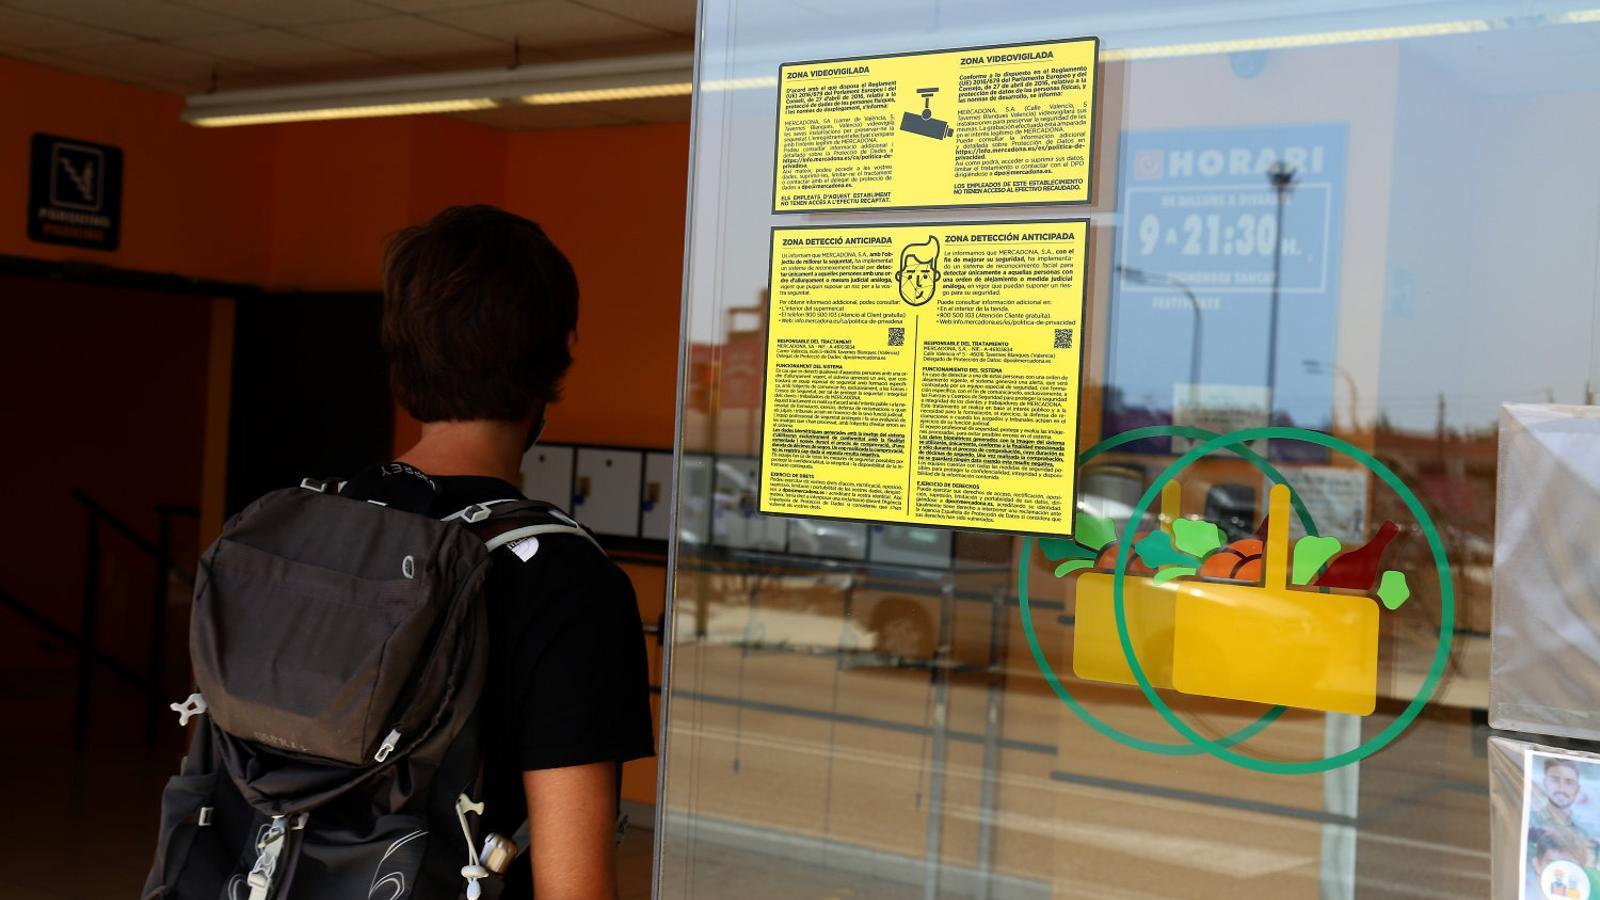 Mercadona converteix Mallorca en el seu laboratori de reconeixement facial